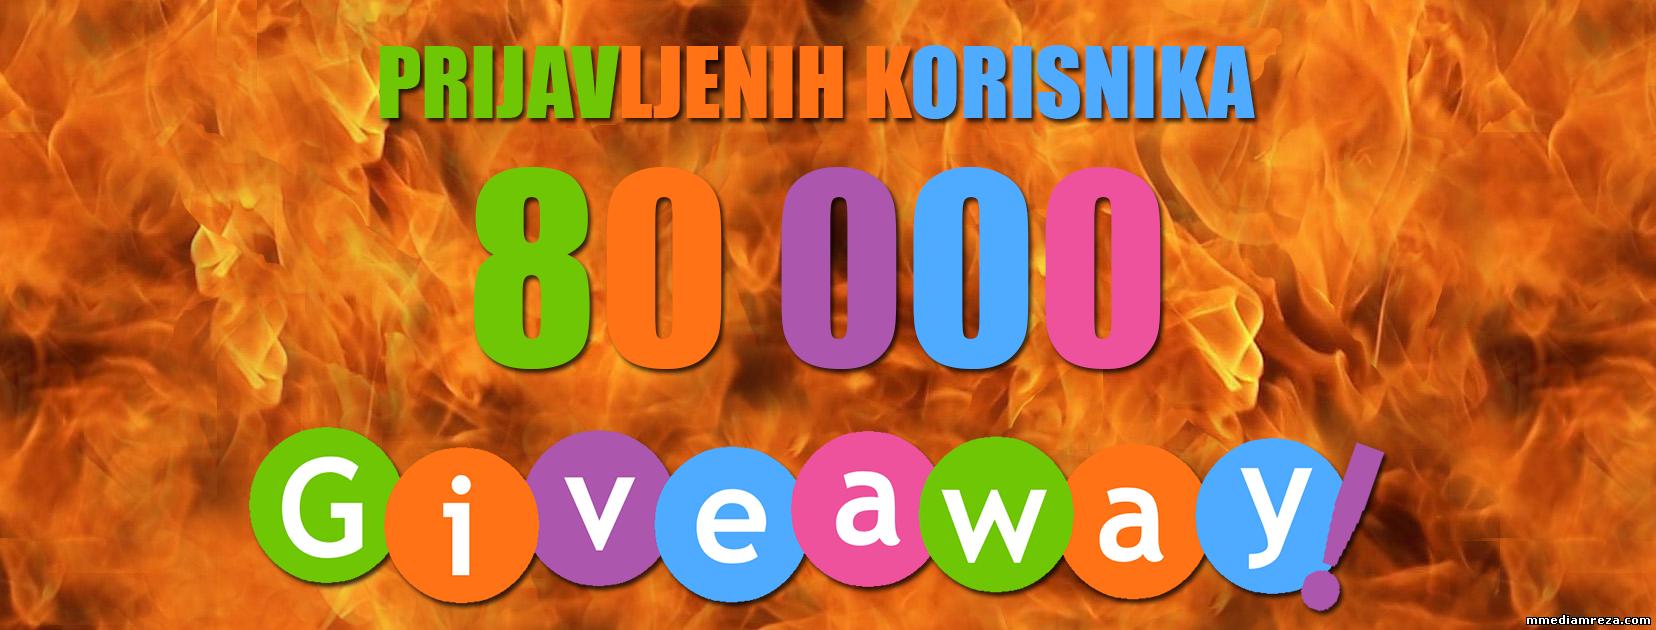 Giveaway povodom 80K prijavljenih korisnika!